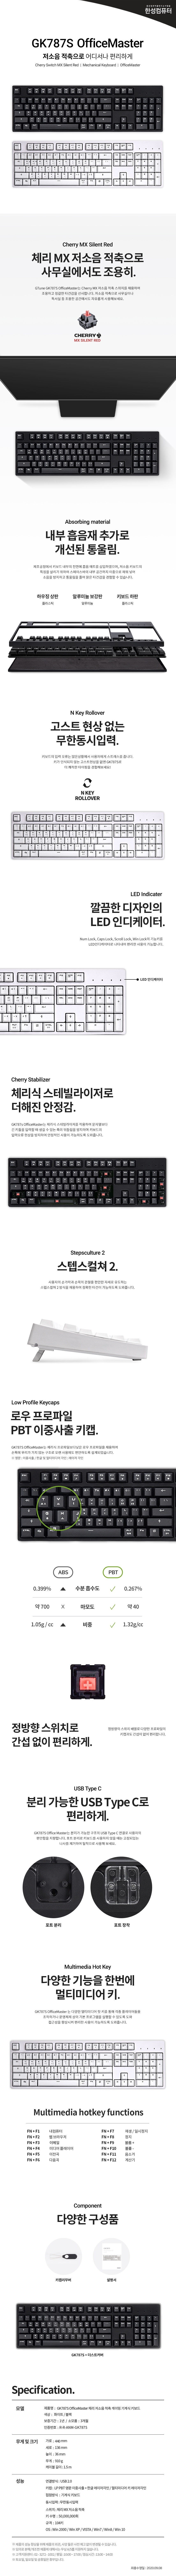 한성컴퓨터 GK787S OfficeMaster 체리 기계식키보드 (블랙, 저소음 적축)